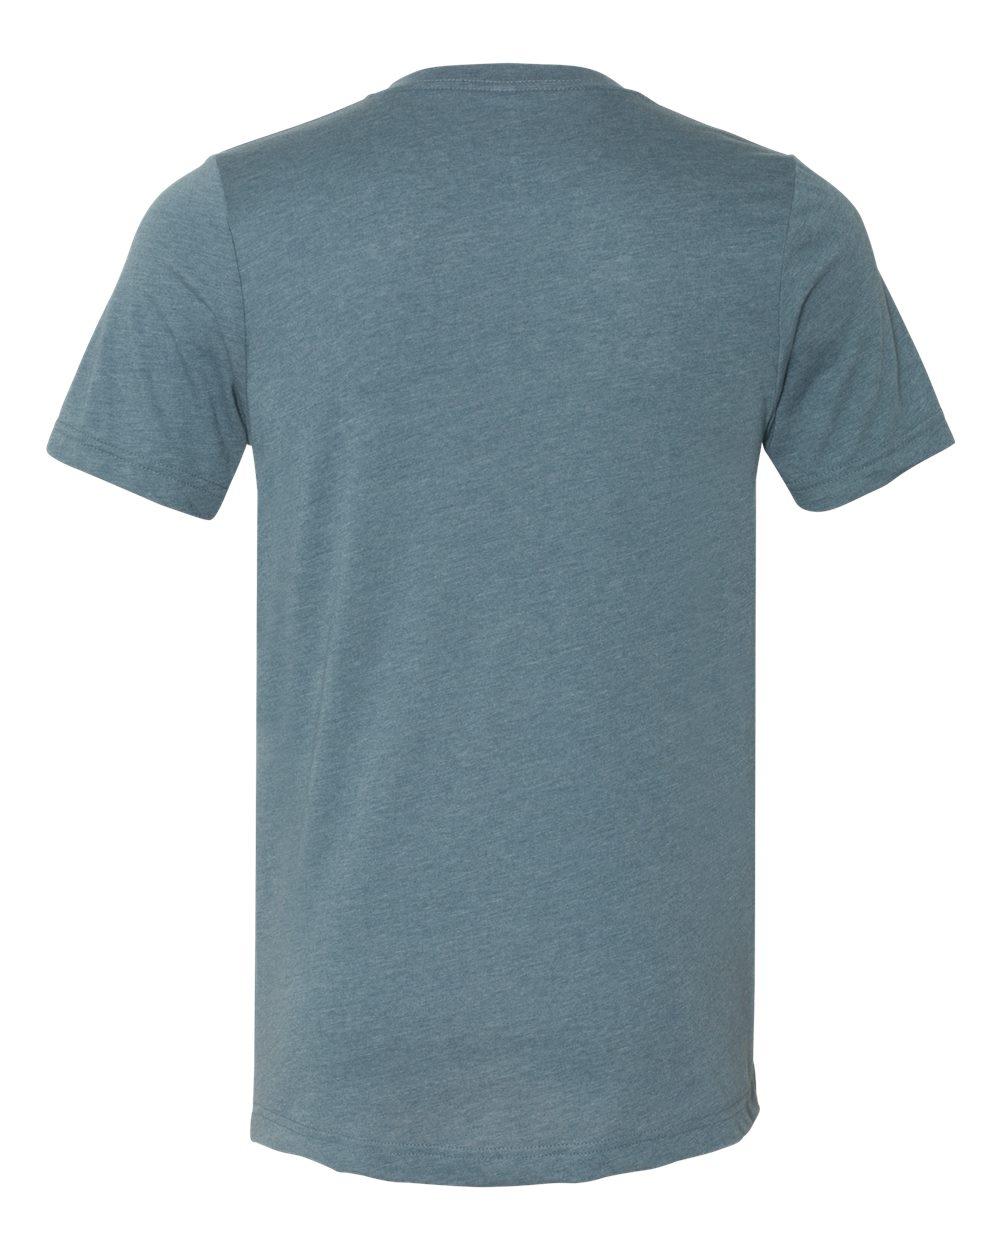 Bella-Canvas-Men-039-s-Jersey-Short-Sleeve-V-Neck-T-Shirt-3005-XS-3XL thumbnail 125